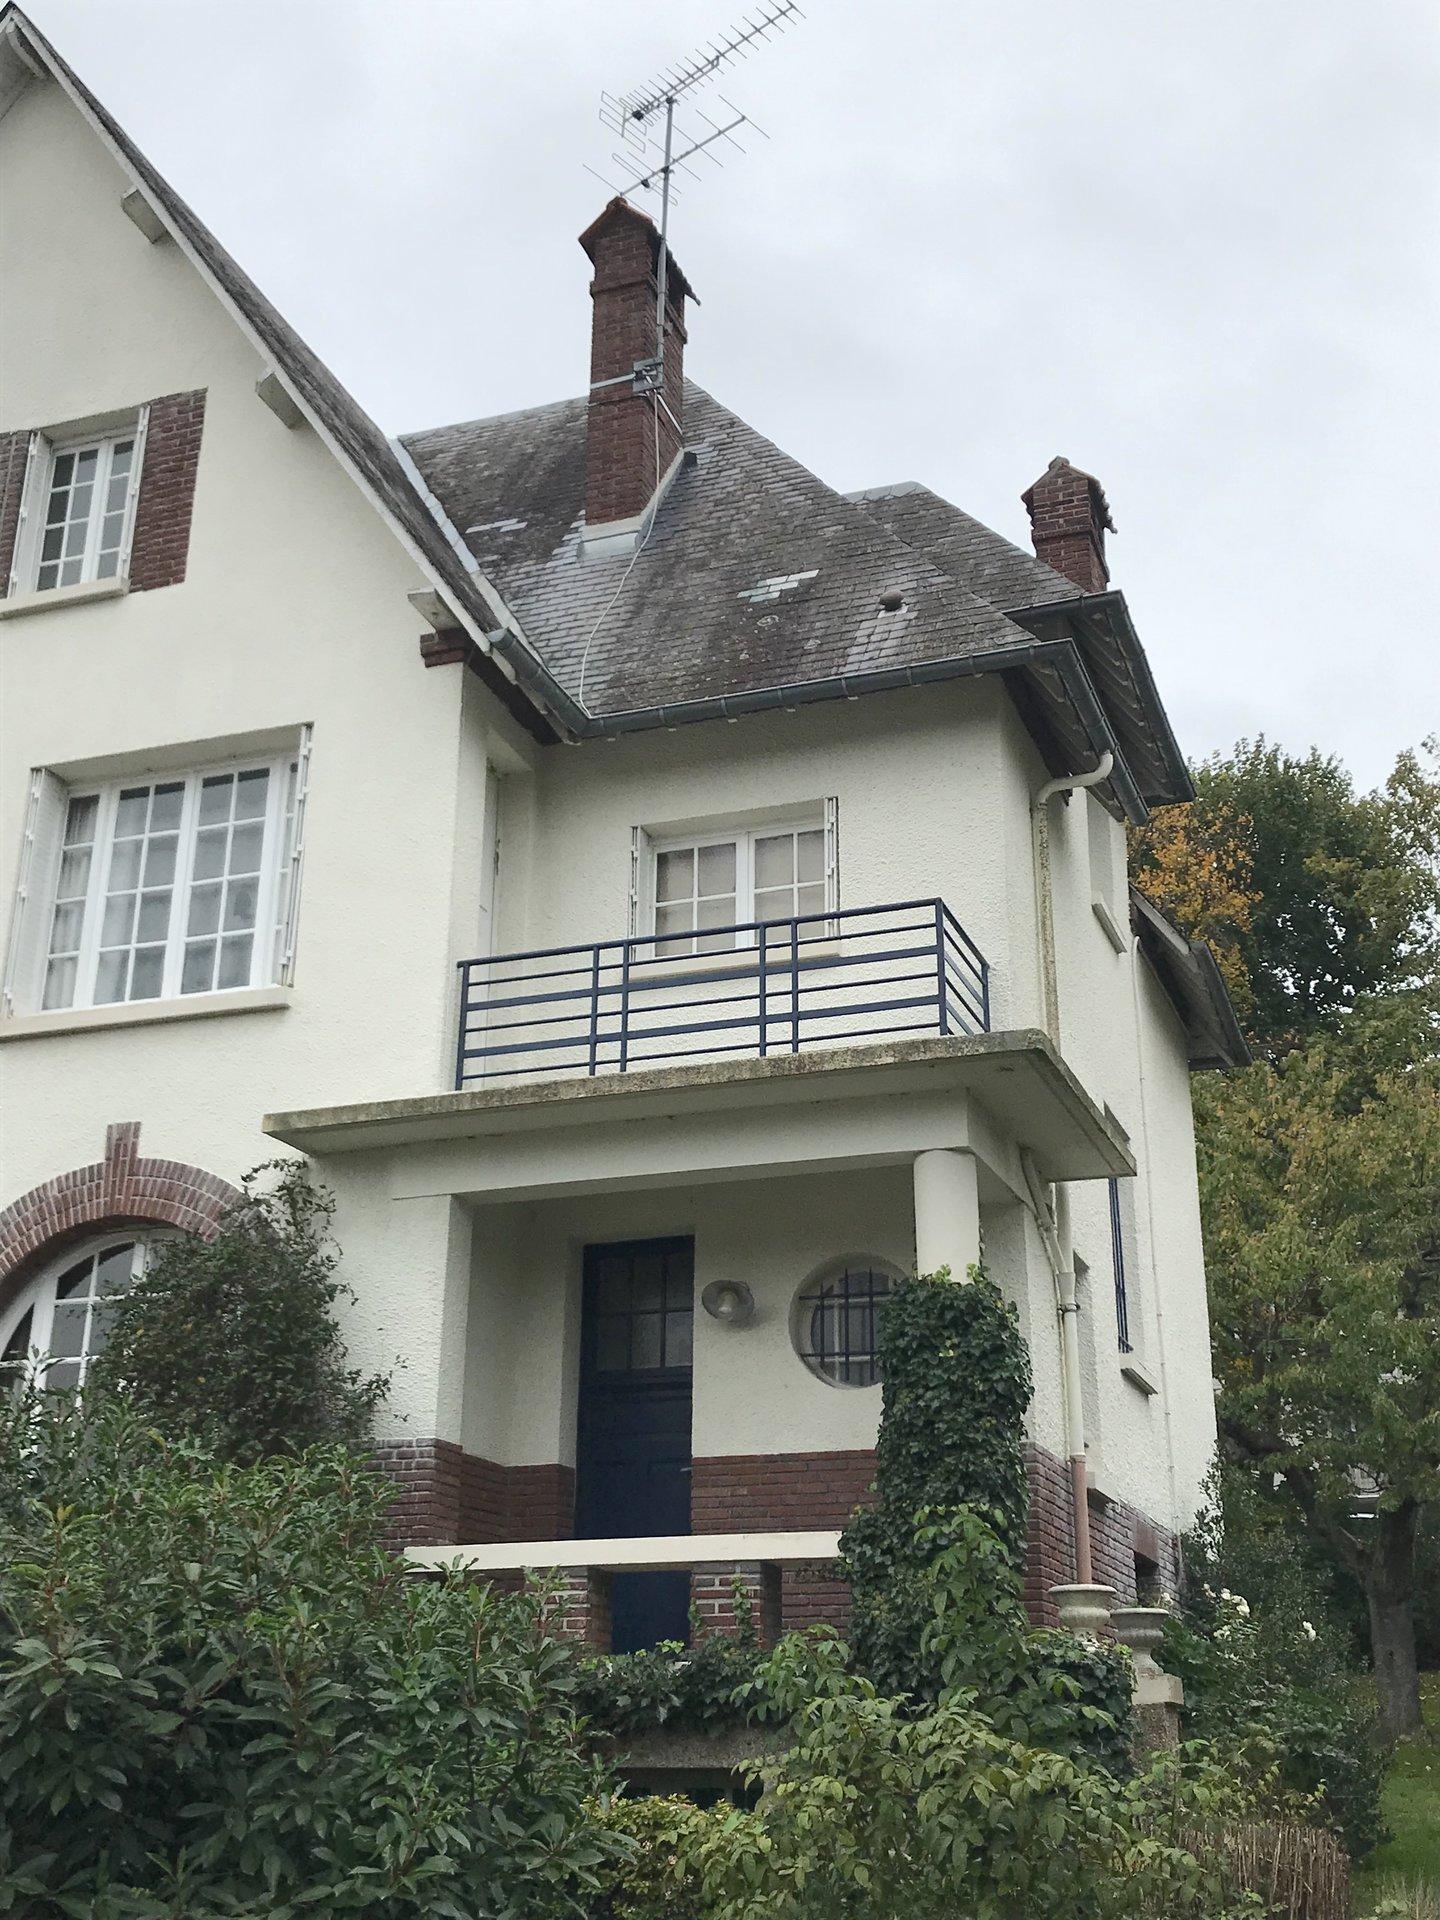 Maison de style 1930